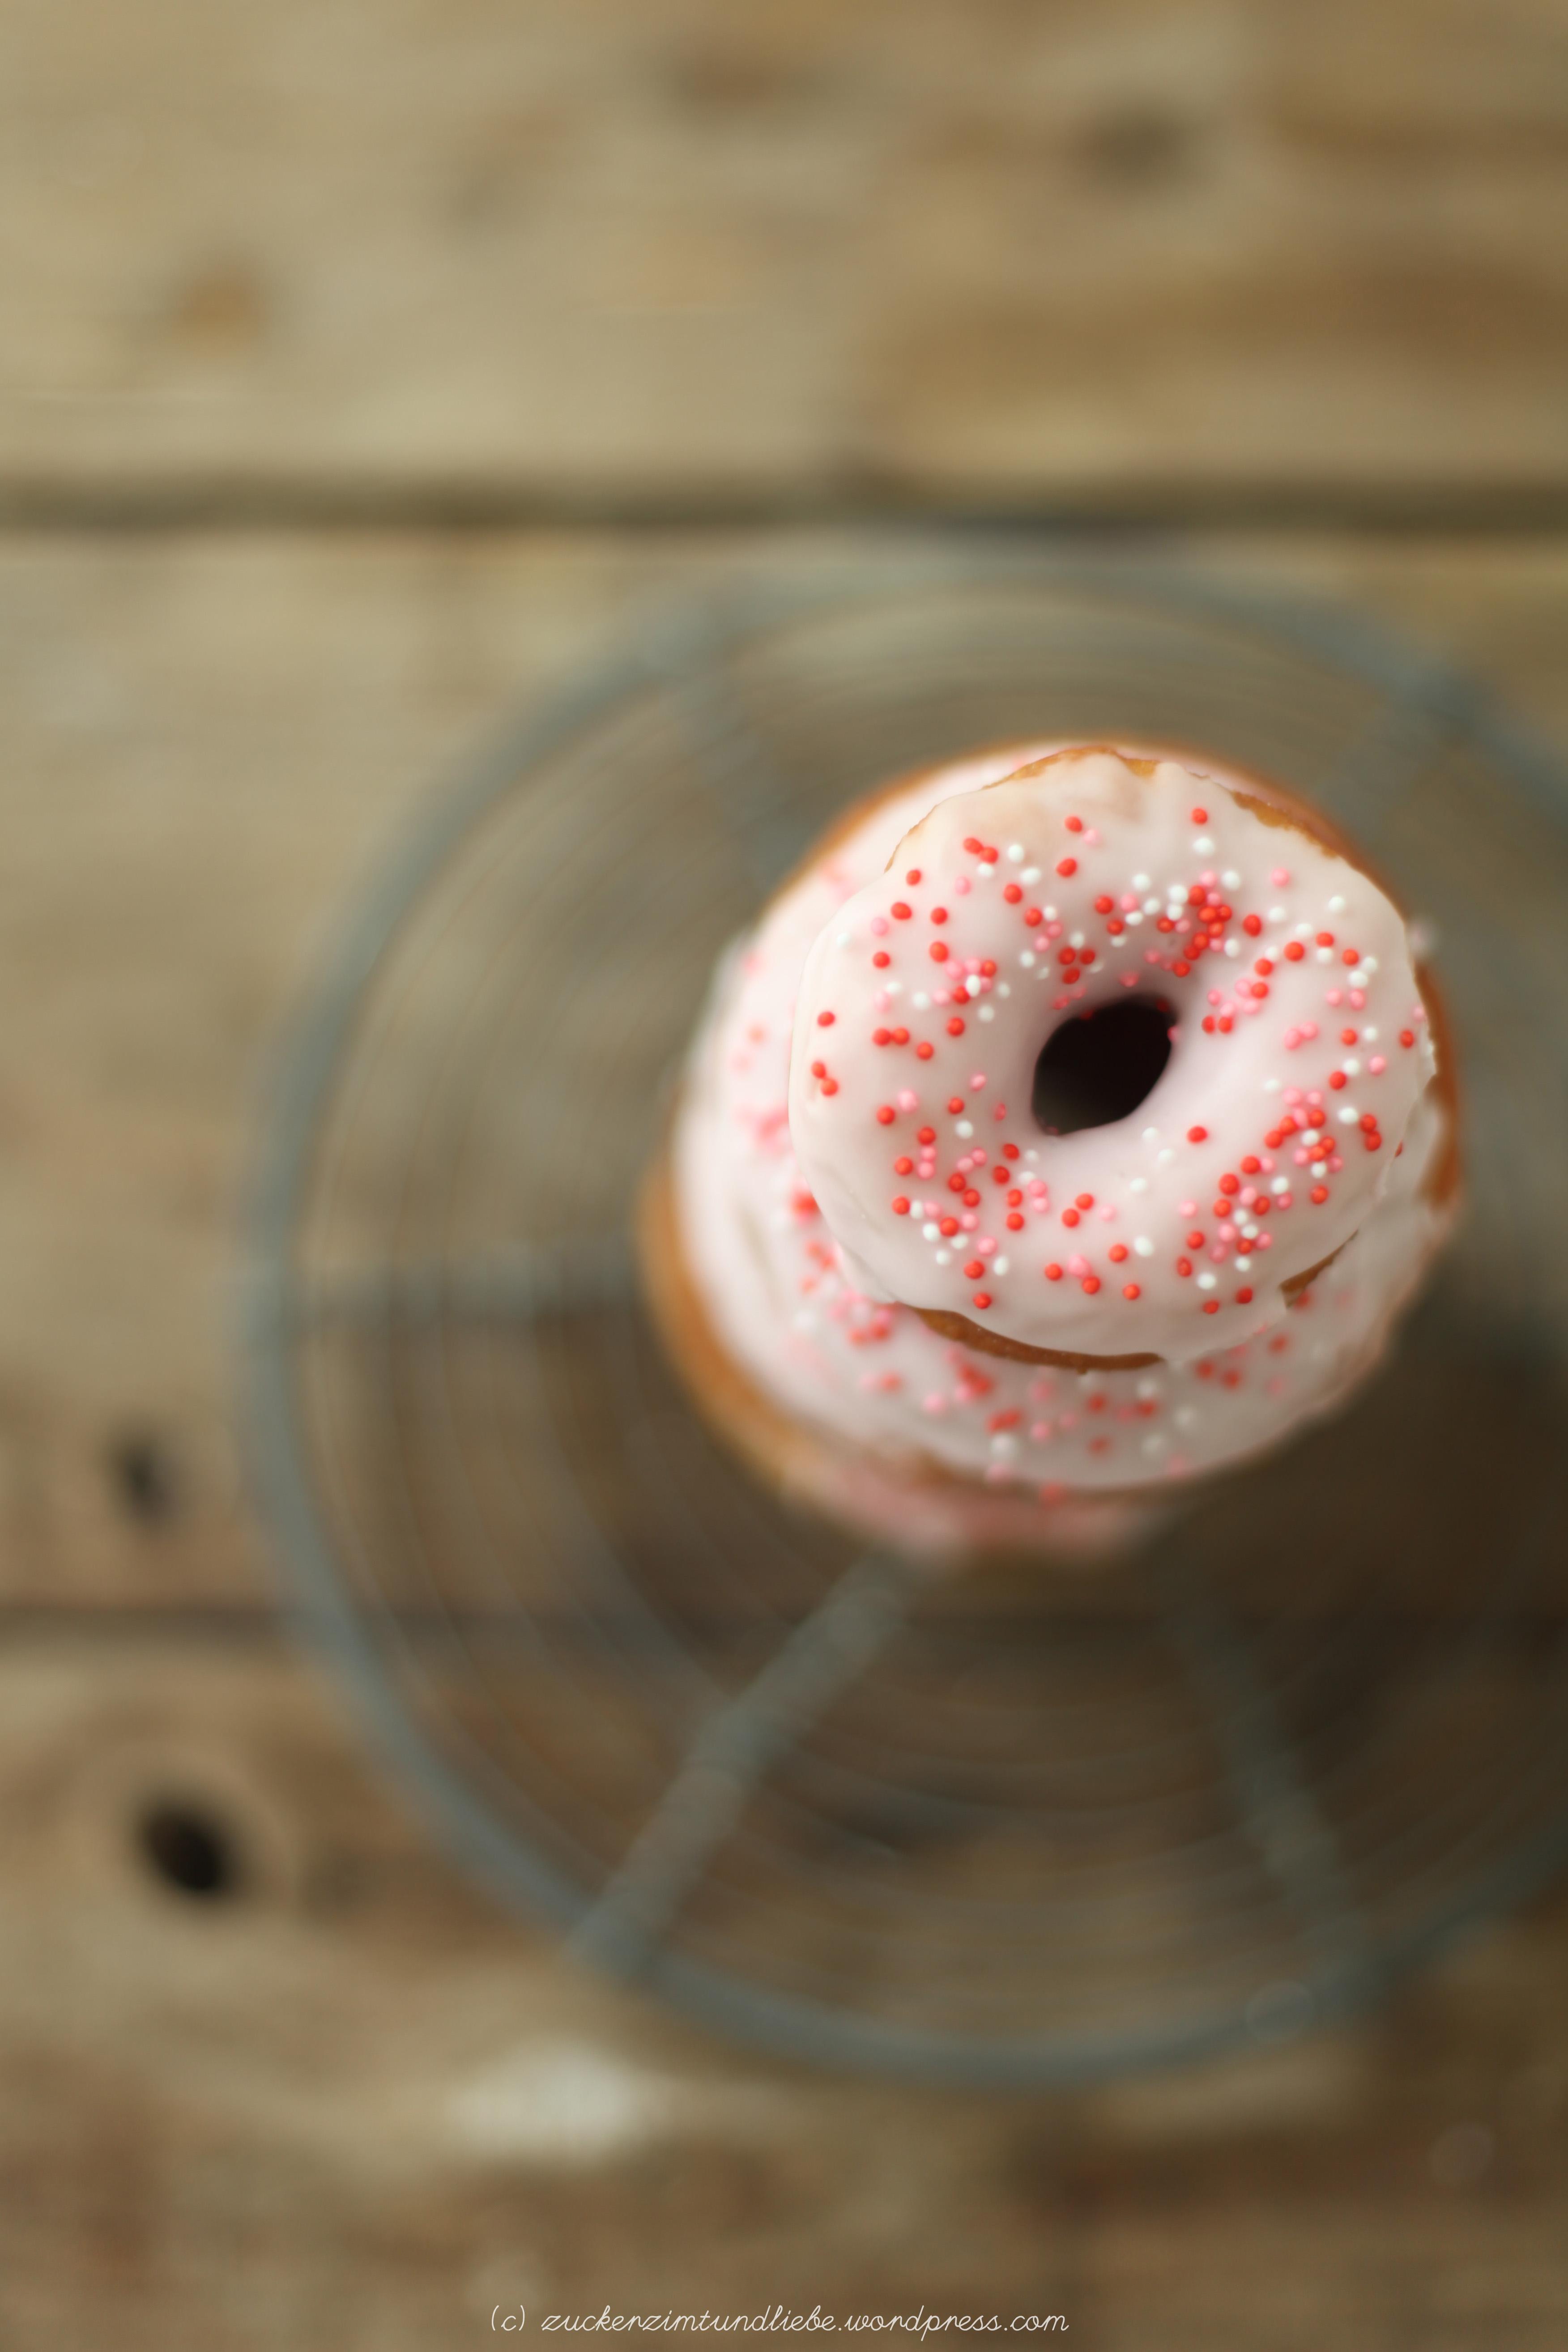 Zuckerzimtundliebe_Donuts9